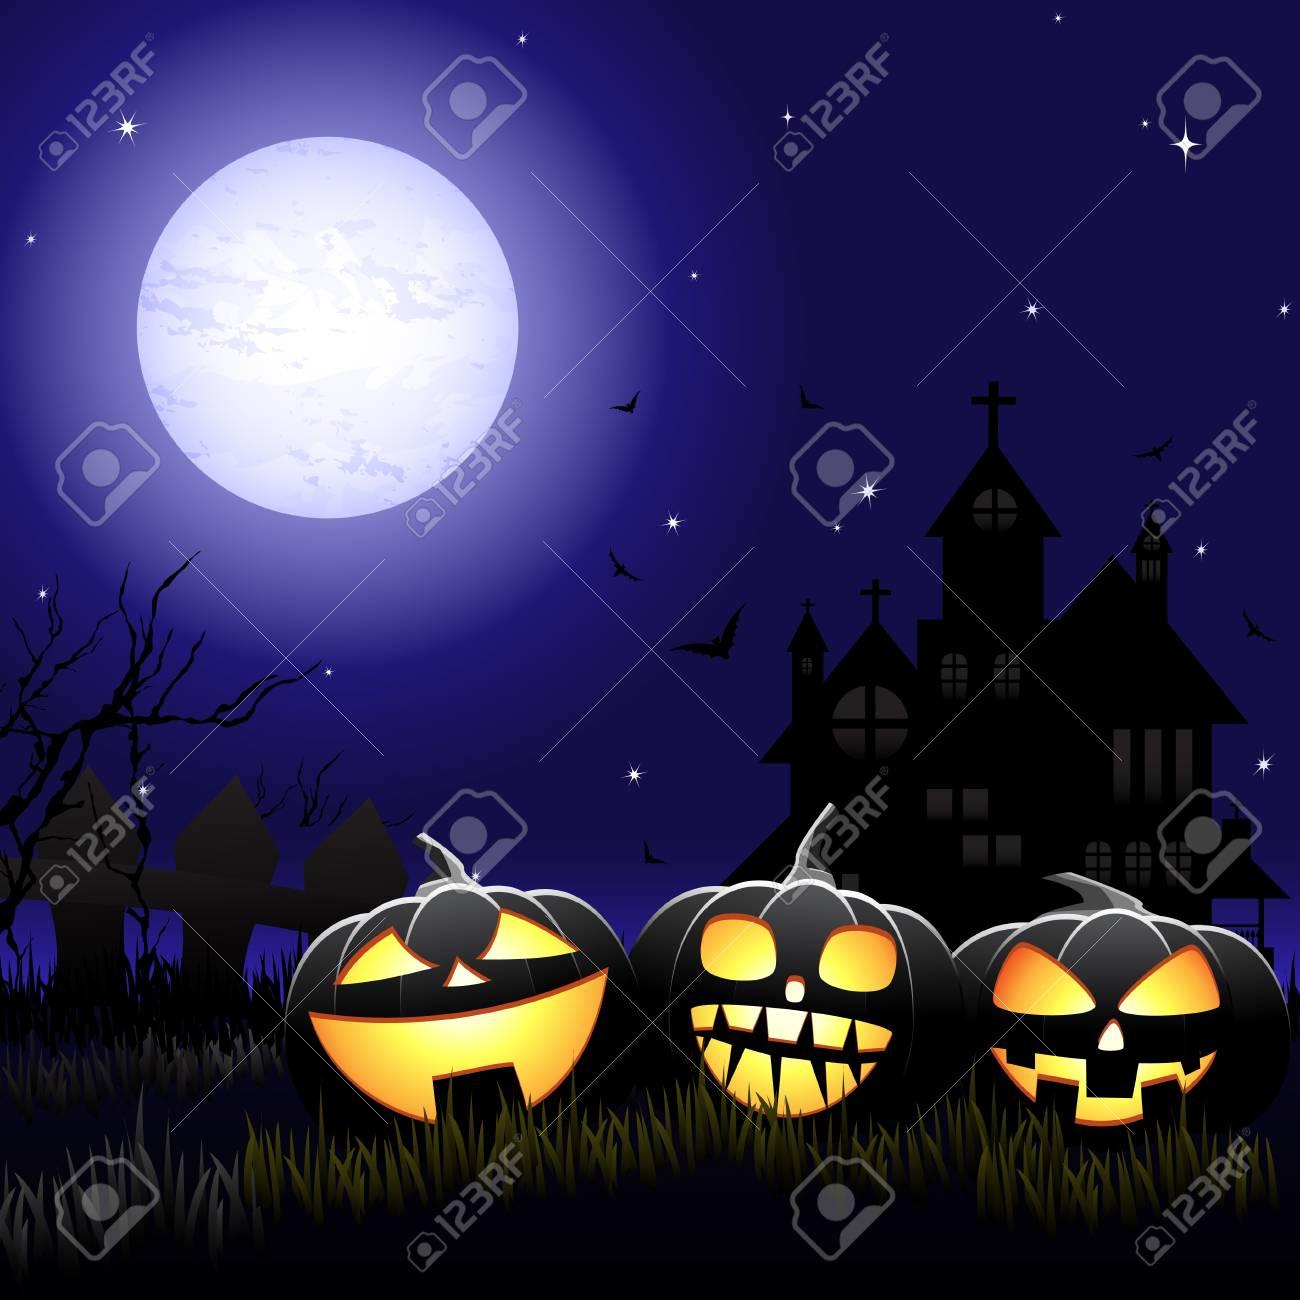 Halloween background Stock Vector - 10927063